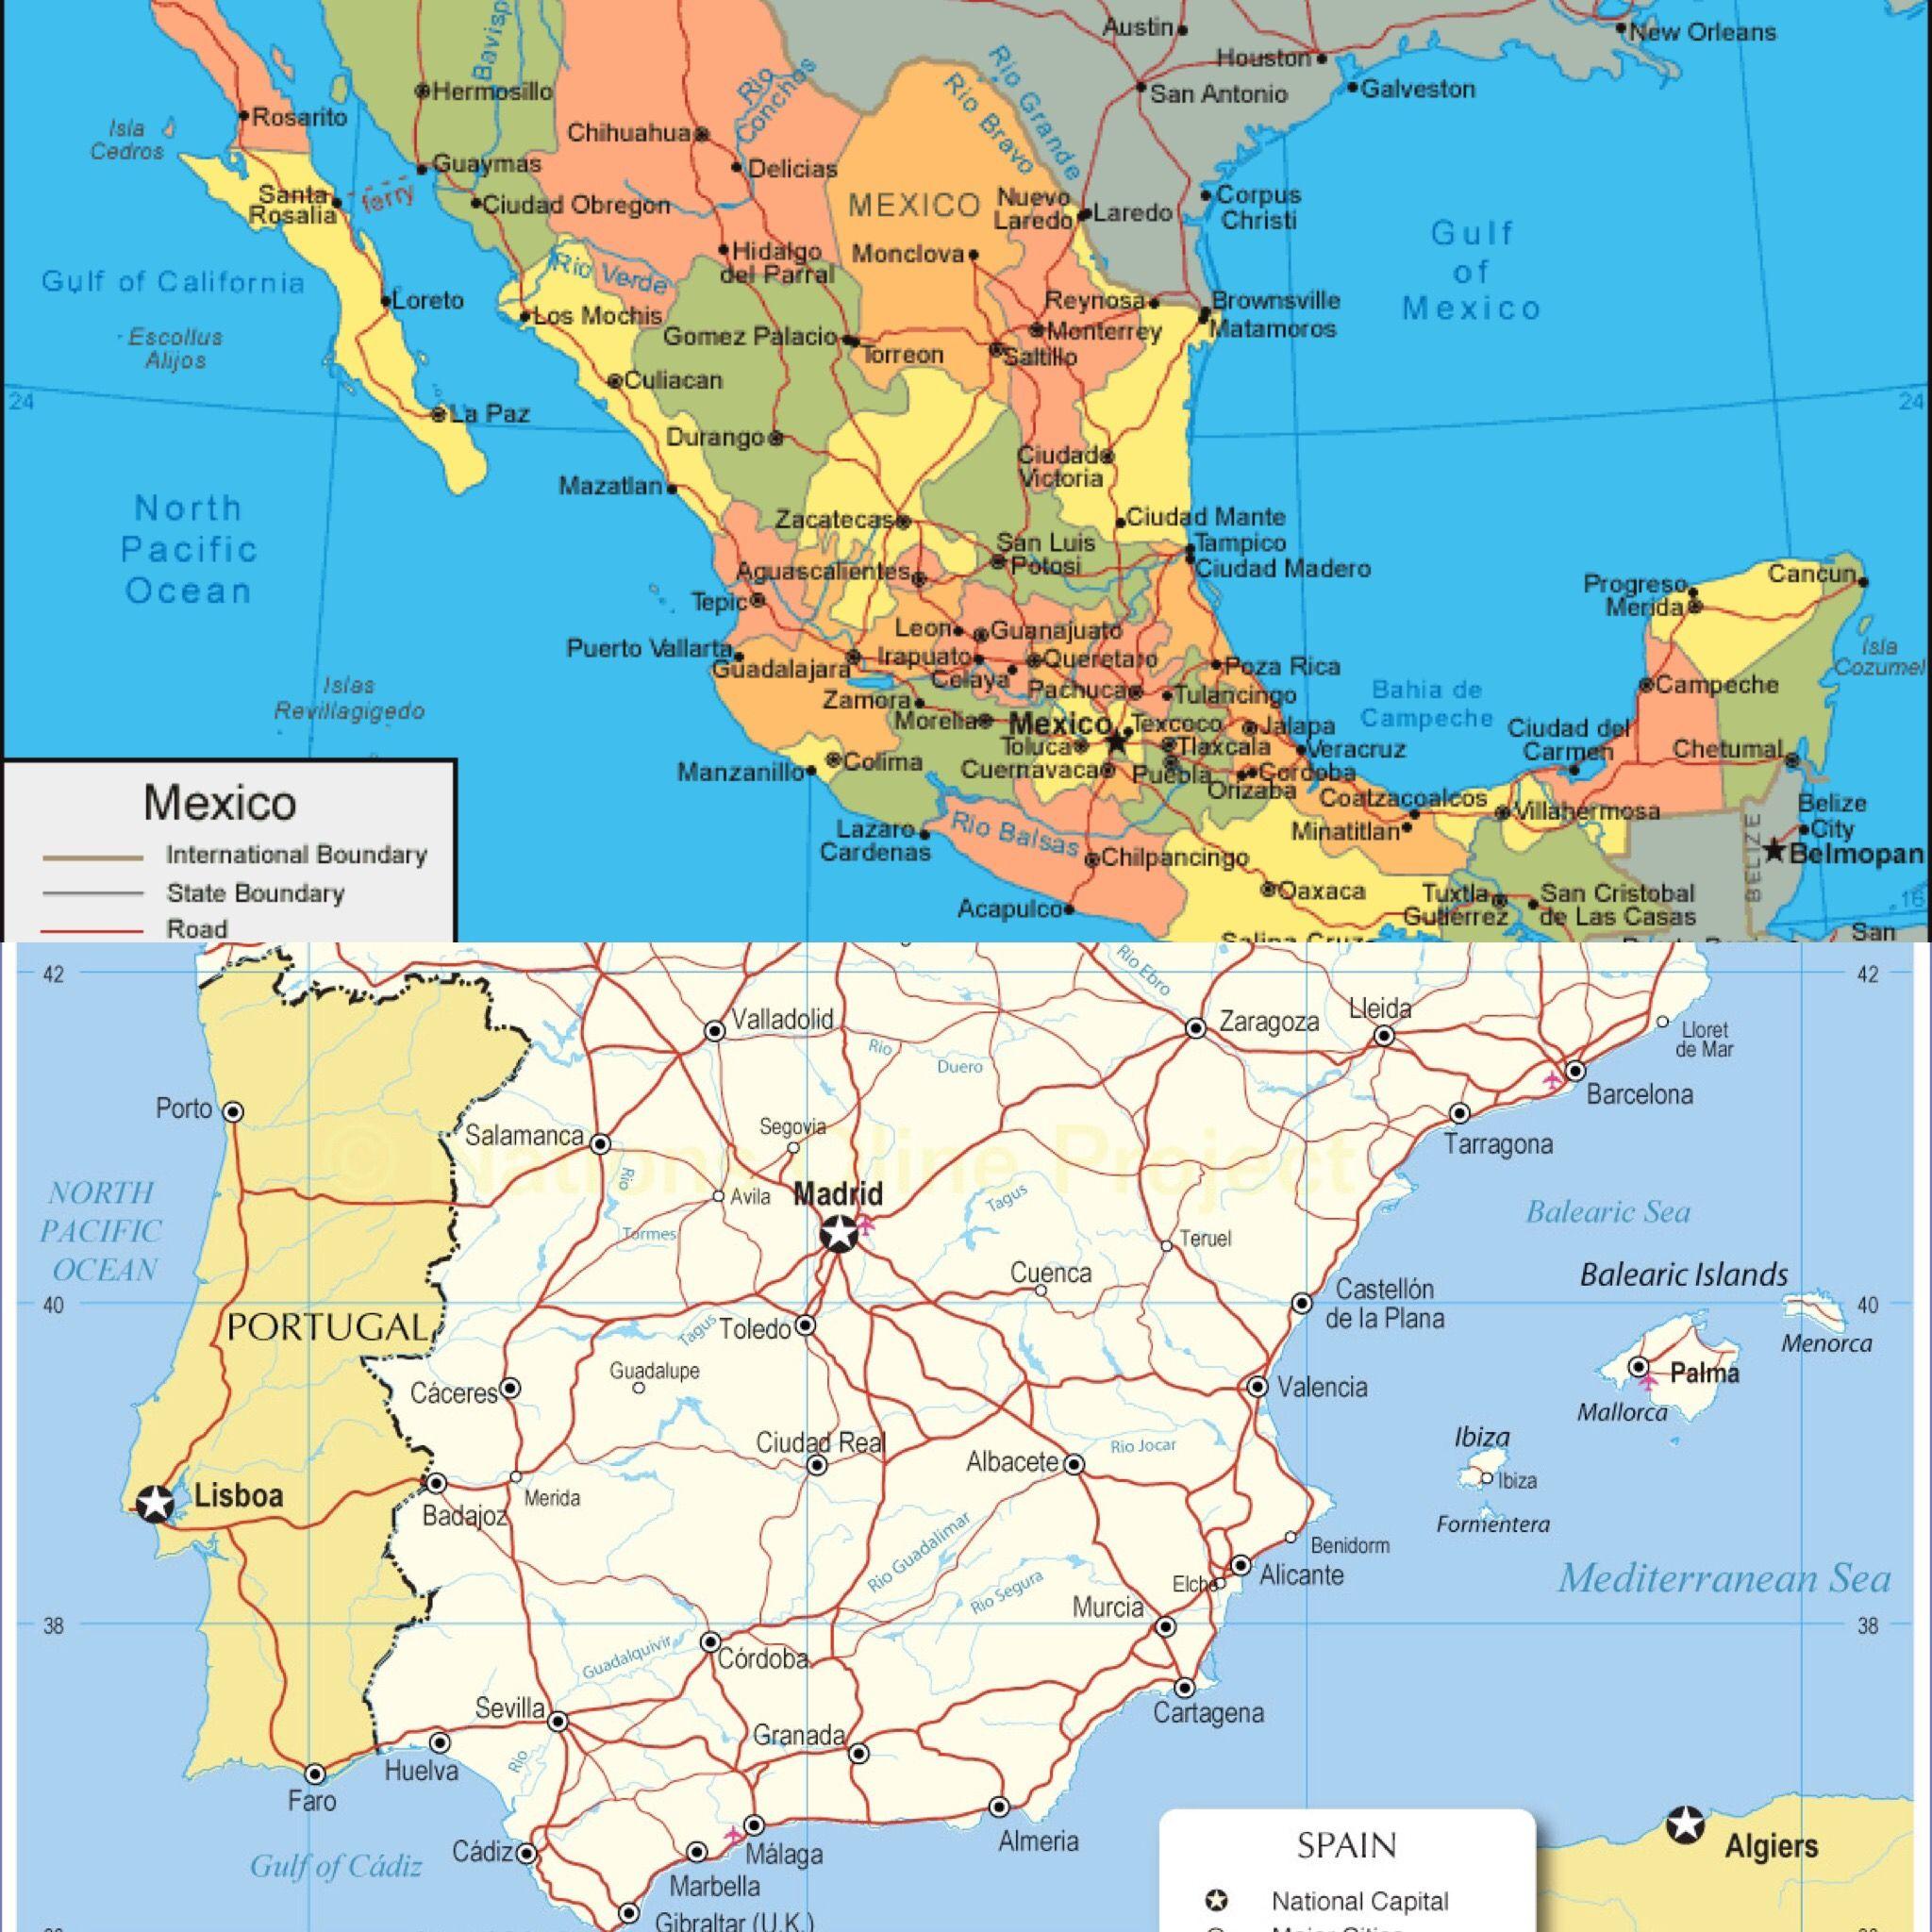 espaa est cerca del mar mediterrneo y mxico est al lado del golfo de mxico